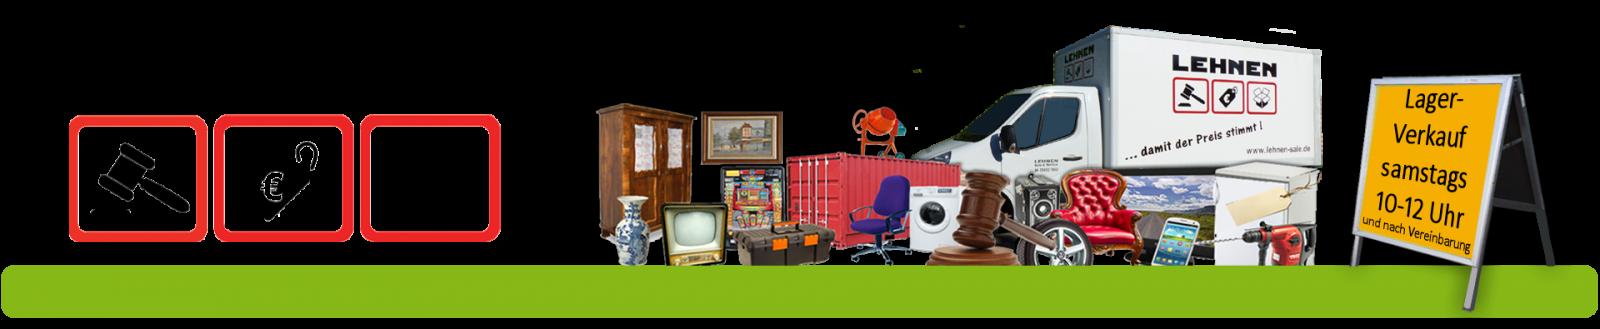 Lehnen Sale & Service